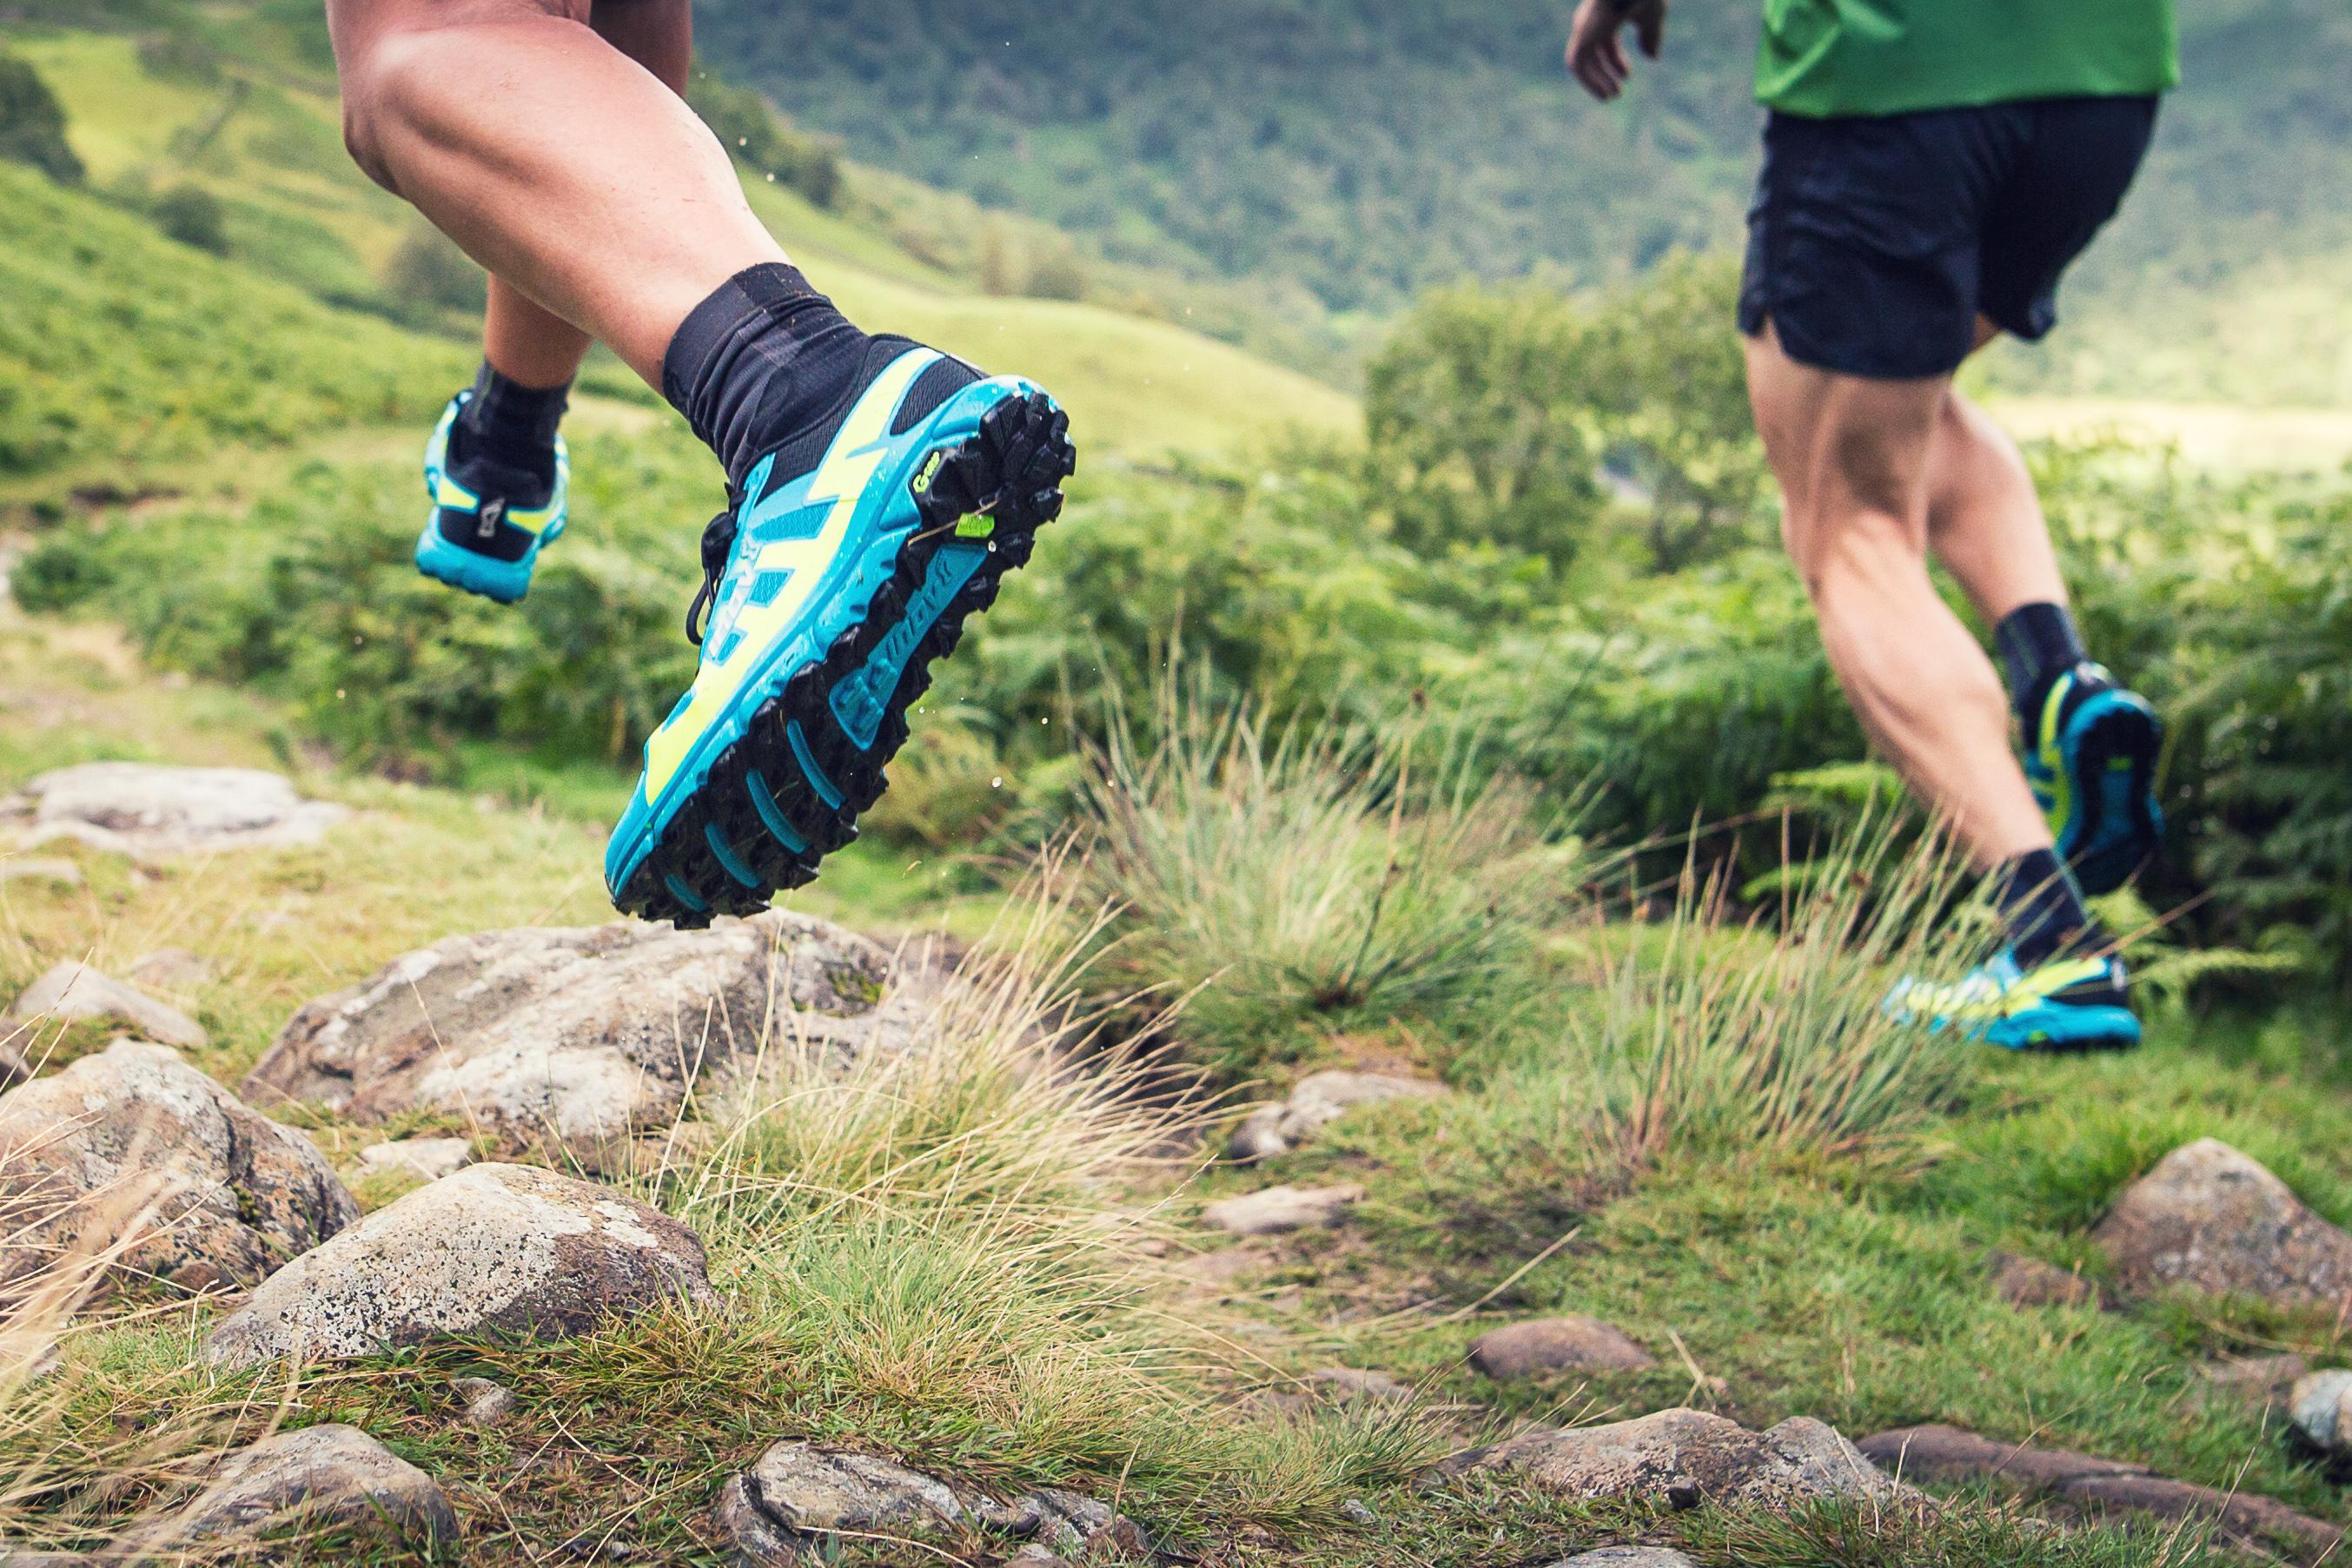 Inov-8: Vsaďte na běžecké boty šampionů, které milují i hobby běžci